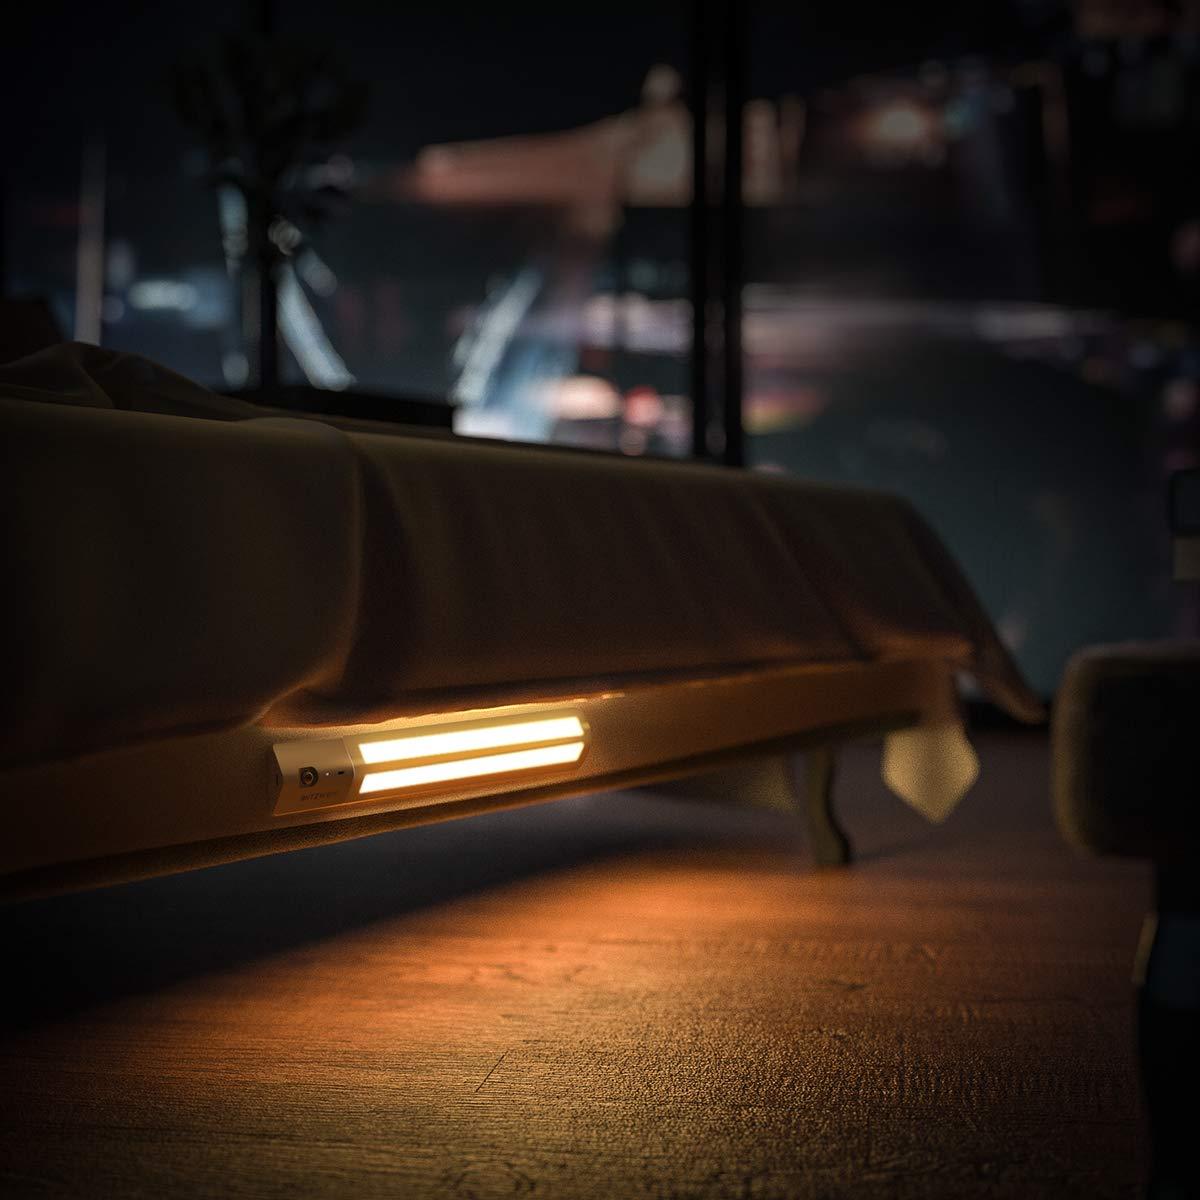 Treppe LED Schrankbeleuchtung Garderobe Badezimmer 3000K warmes Wei/ß BlitzWolf upgraded PIR-Bewegungssensor Licht Schranklicht mit abnehmbare Batterie und Klebeb/ändern f/ür Schrank